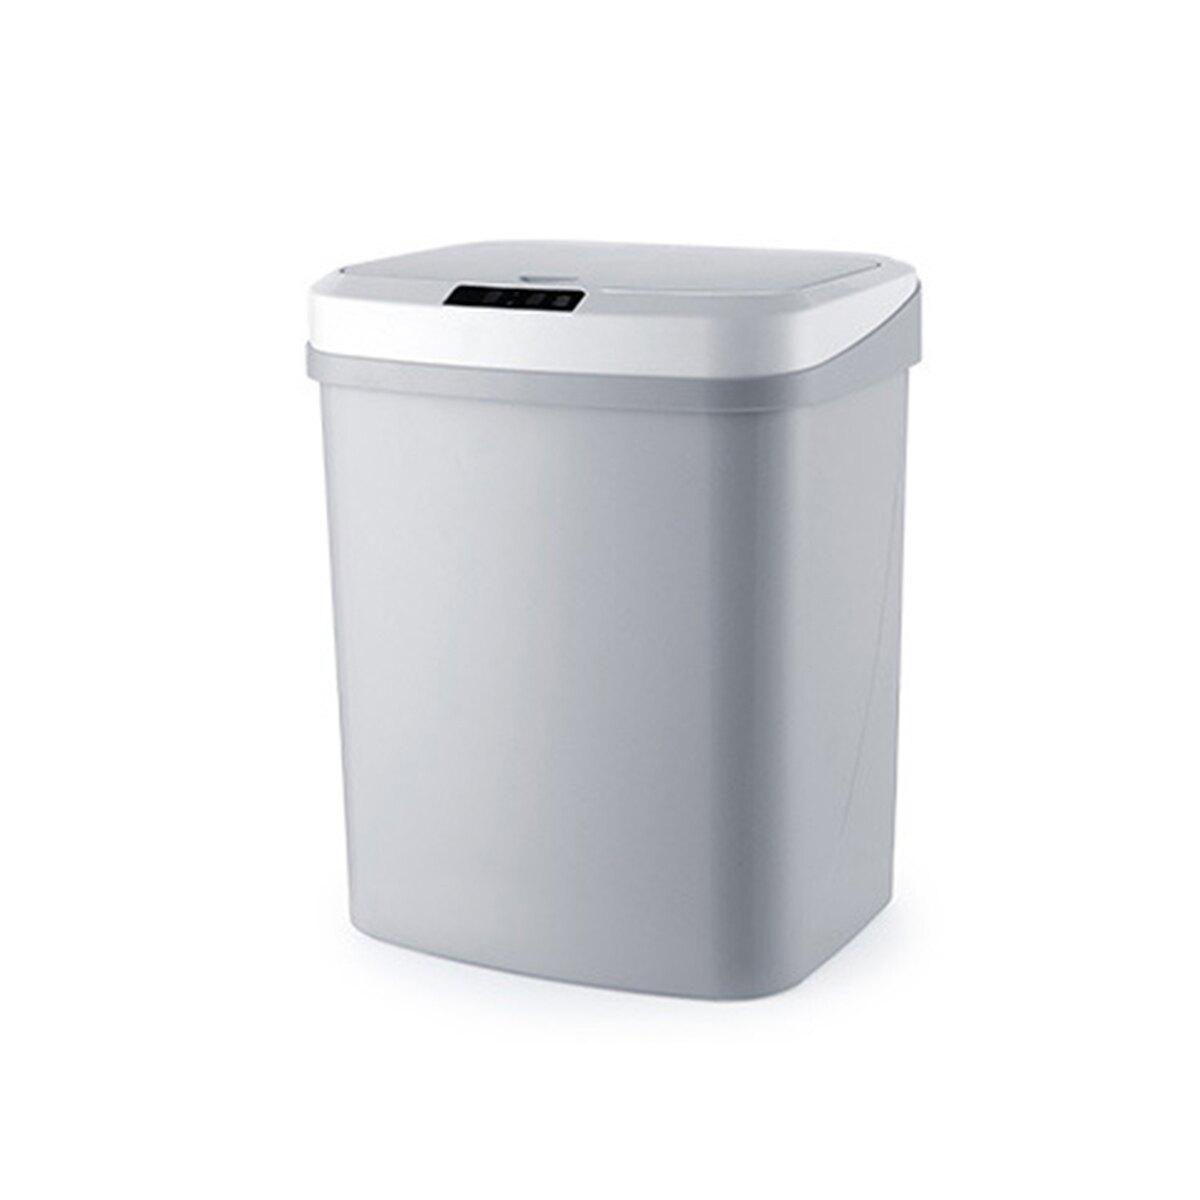 【現貨】3D立體感應全方位感應垃圾桶15L 紅外線感應【CSMART+】